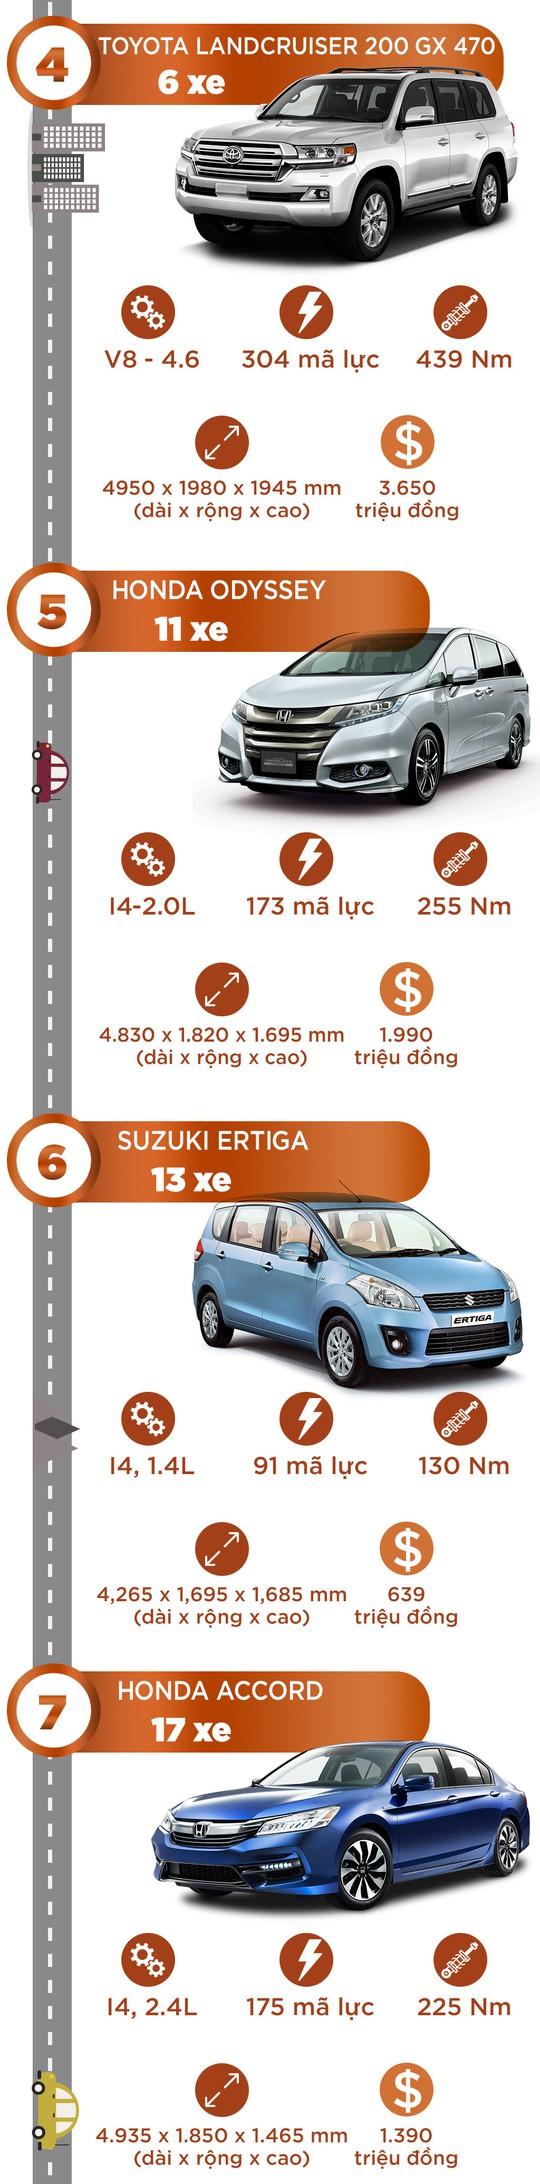 10 xe hơi ế nhất Việt Nam trong tháng 7 - Ảnh 2.